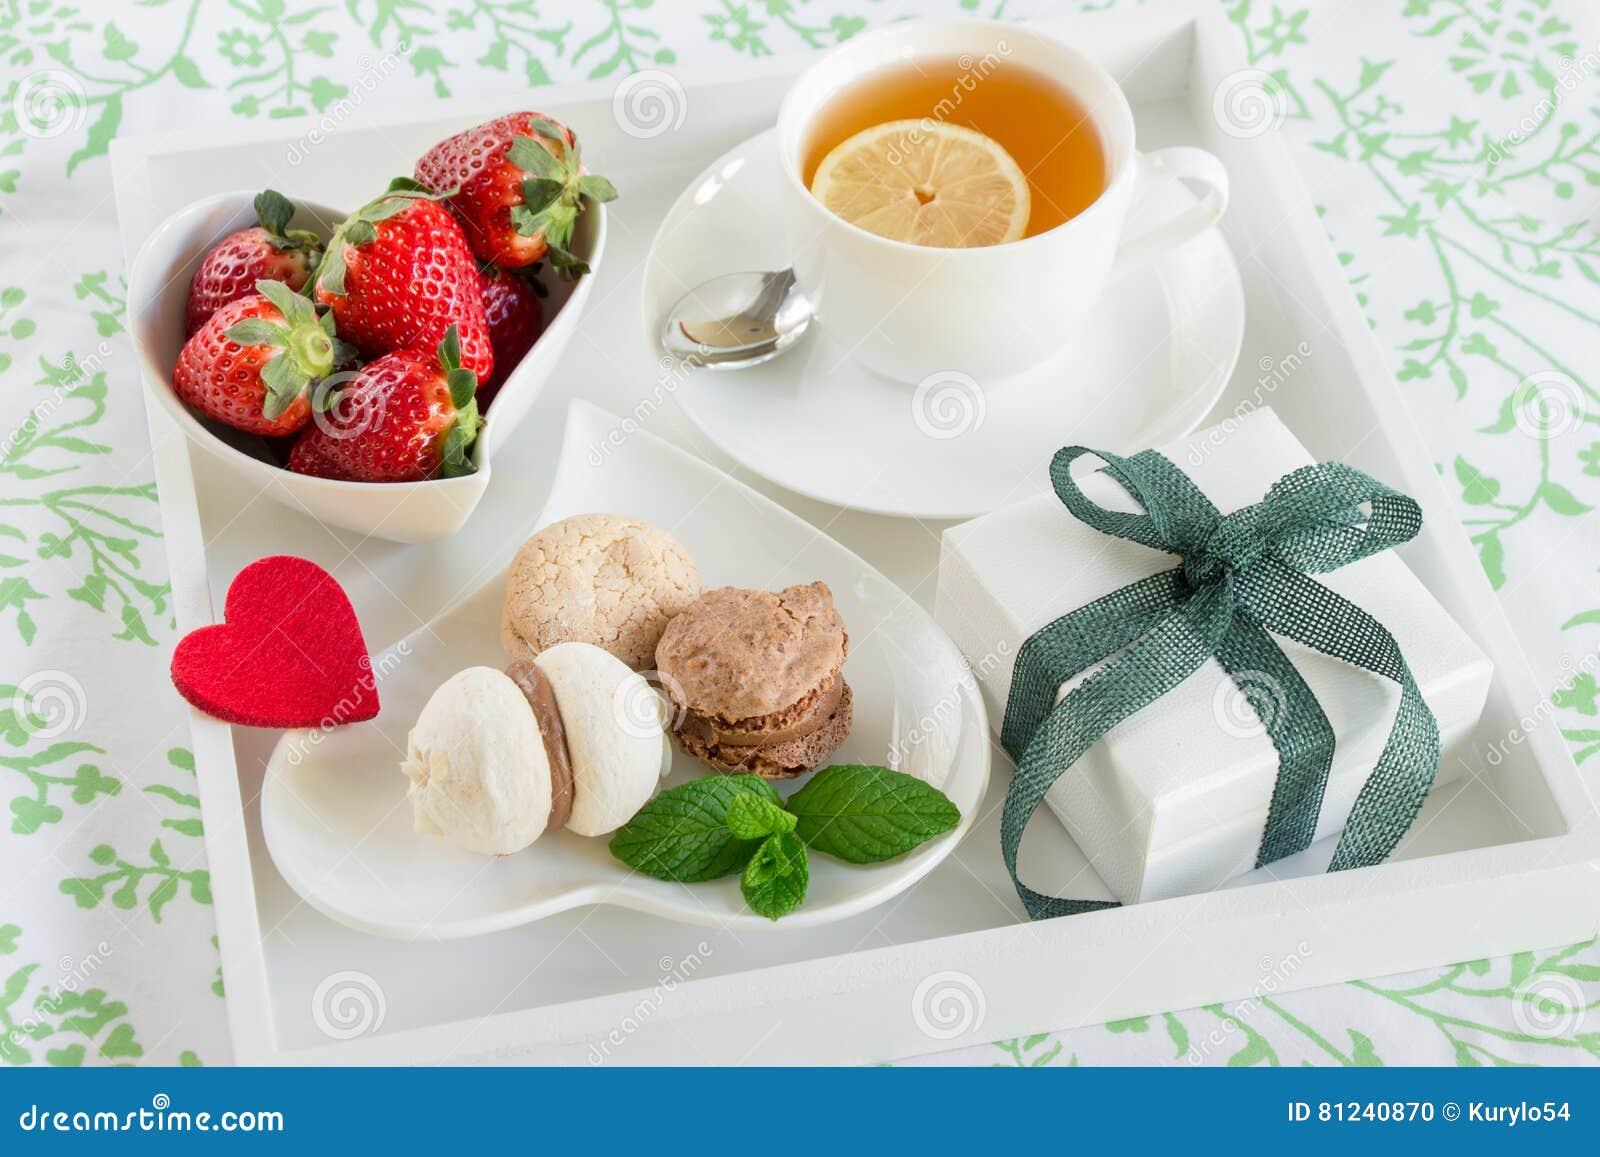 Colazione A Letto Romantica.Prima Colazione Romantica A Letto E Regalo Con Amore Fotografia